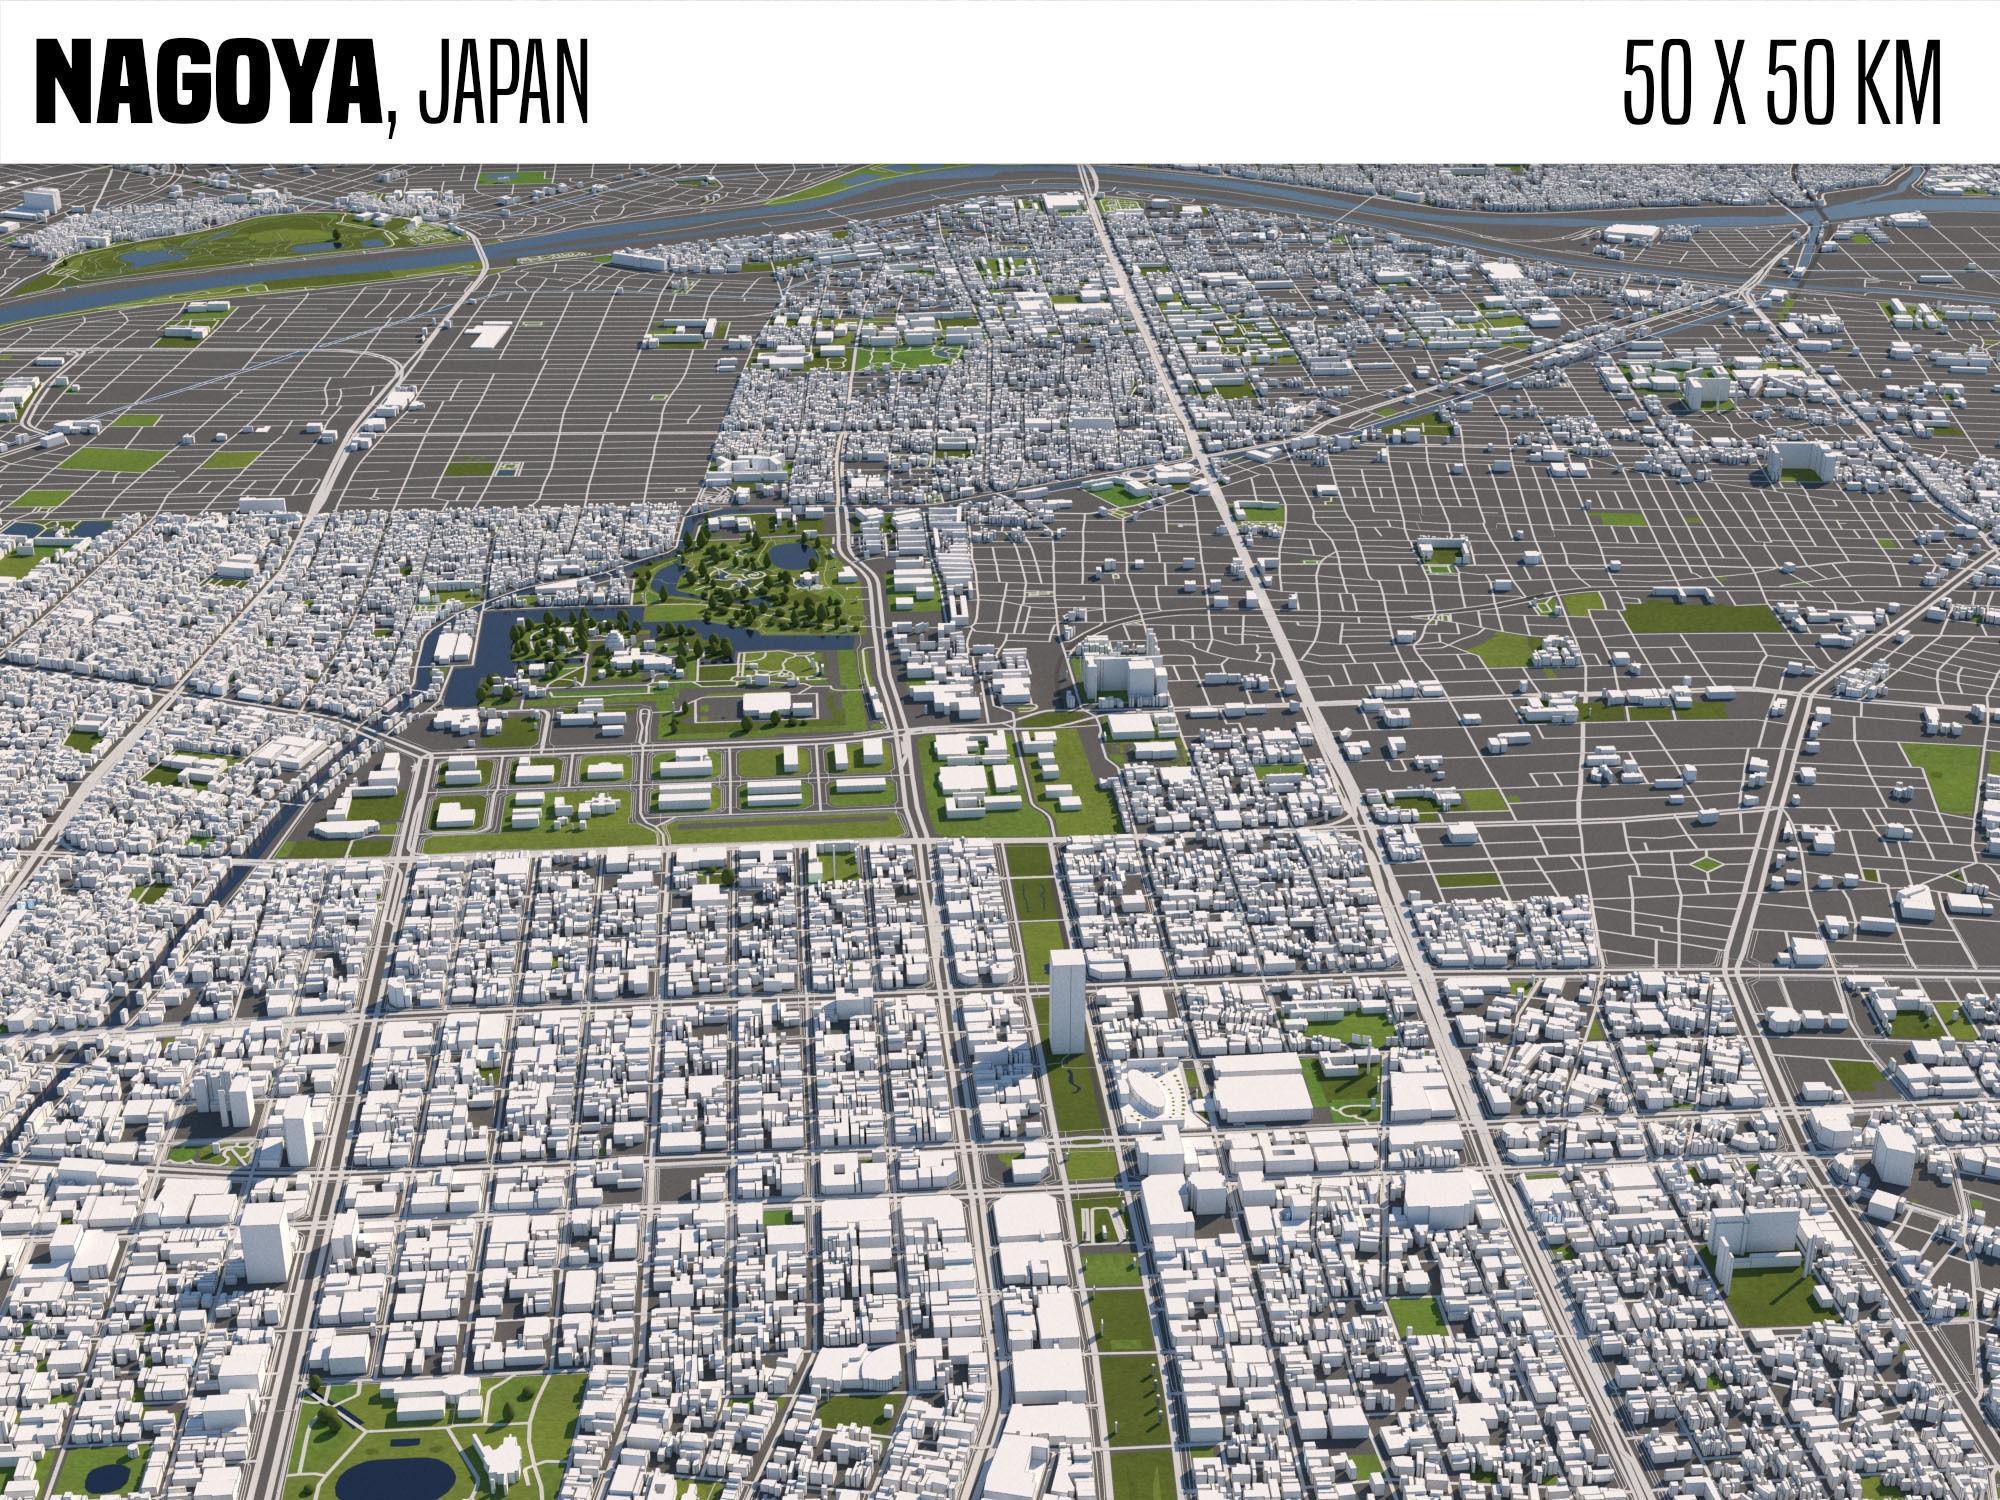 Nagoya Japan 50x50km